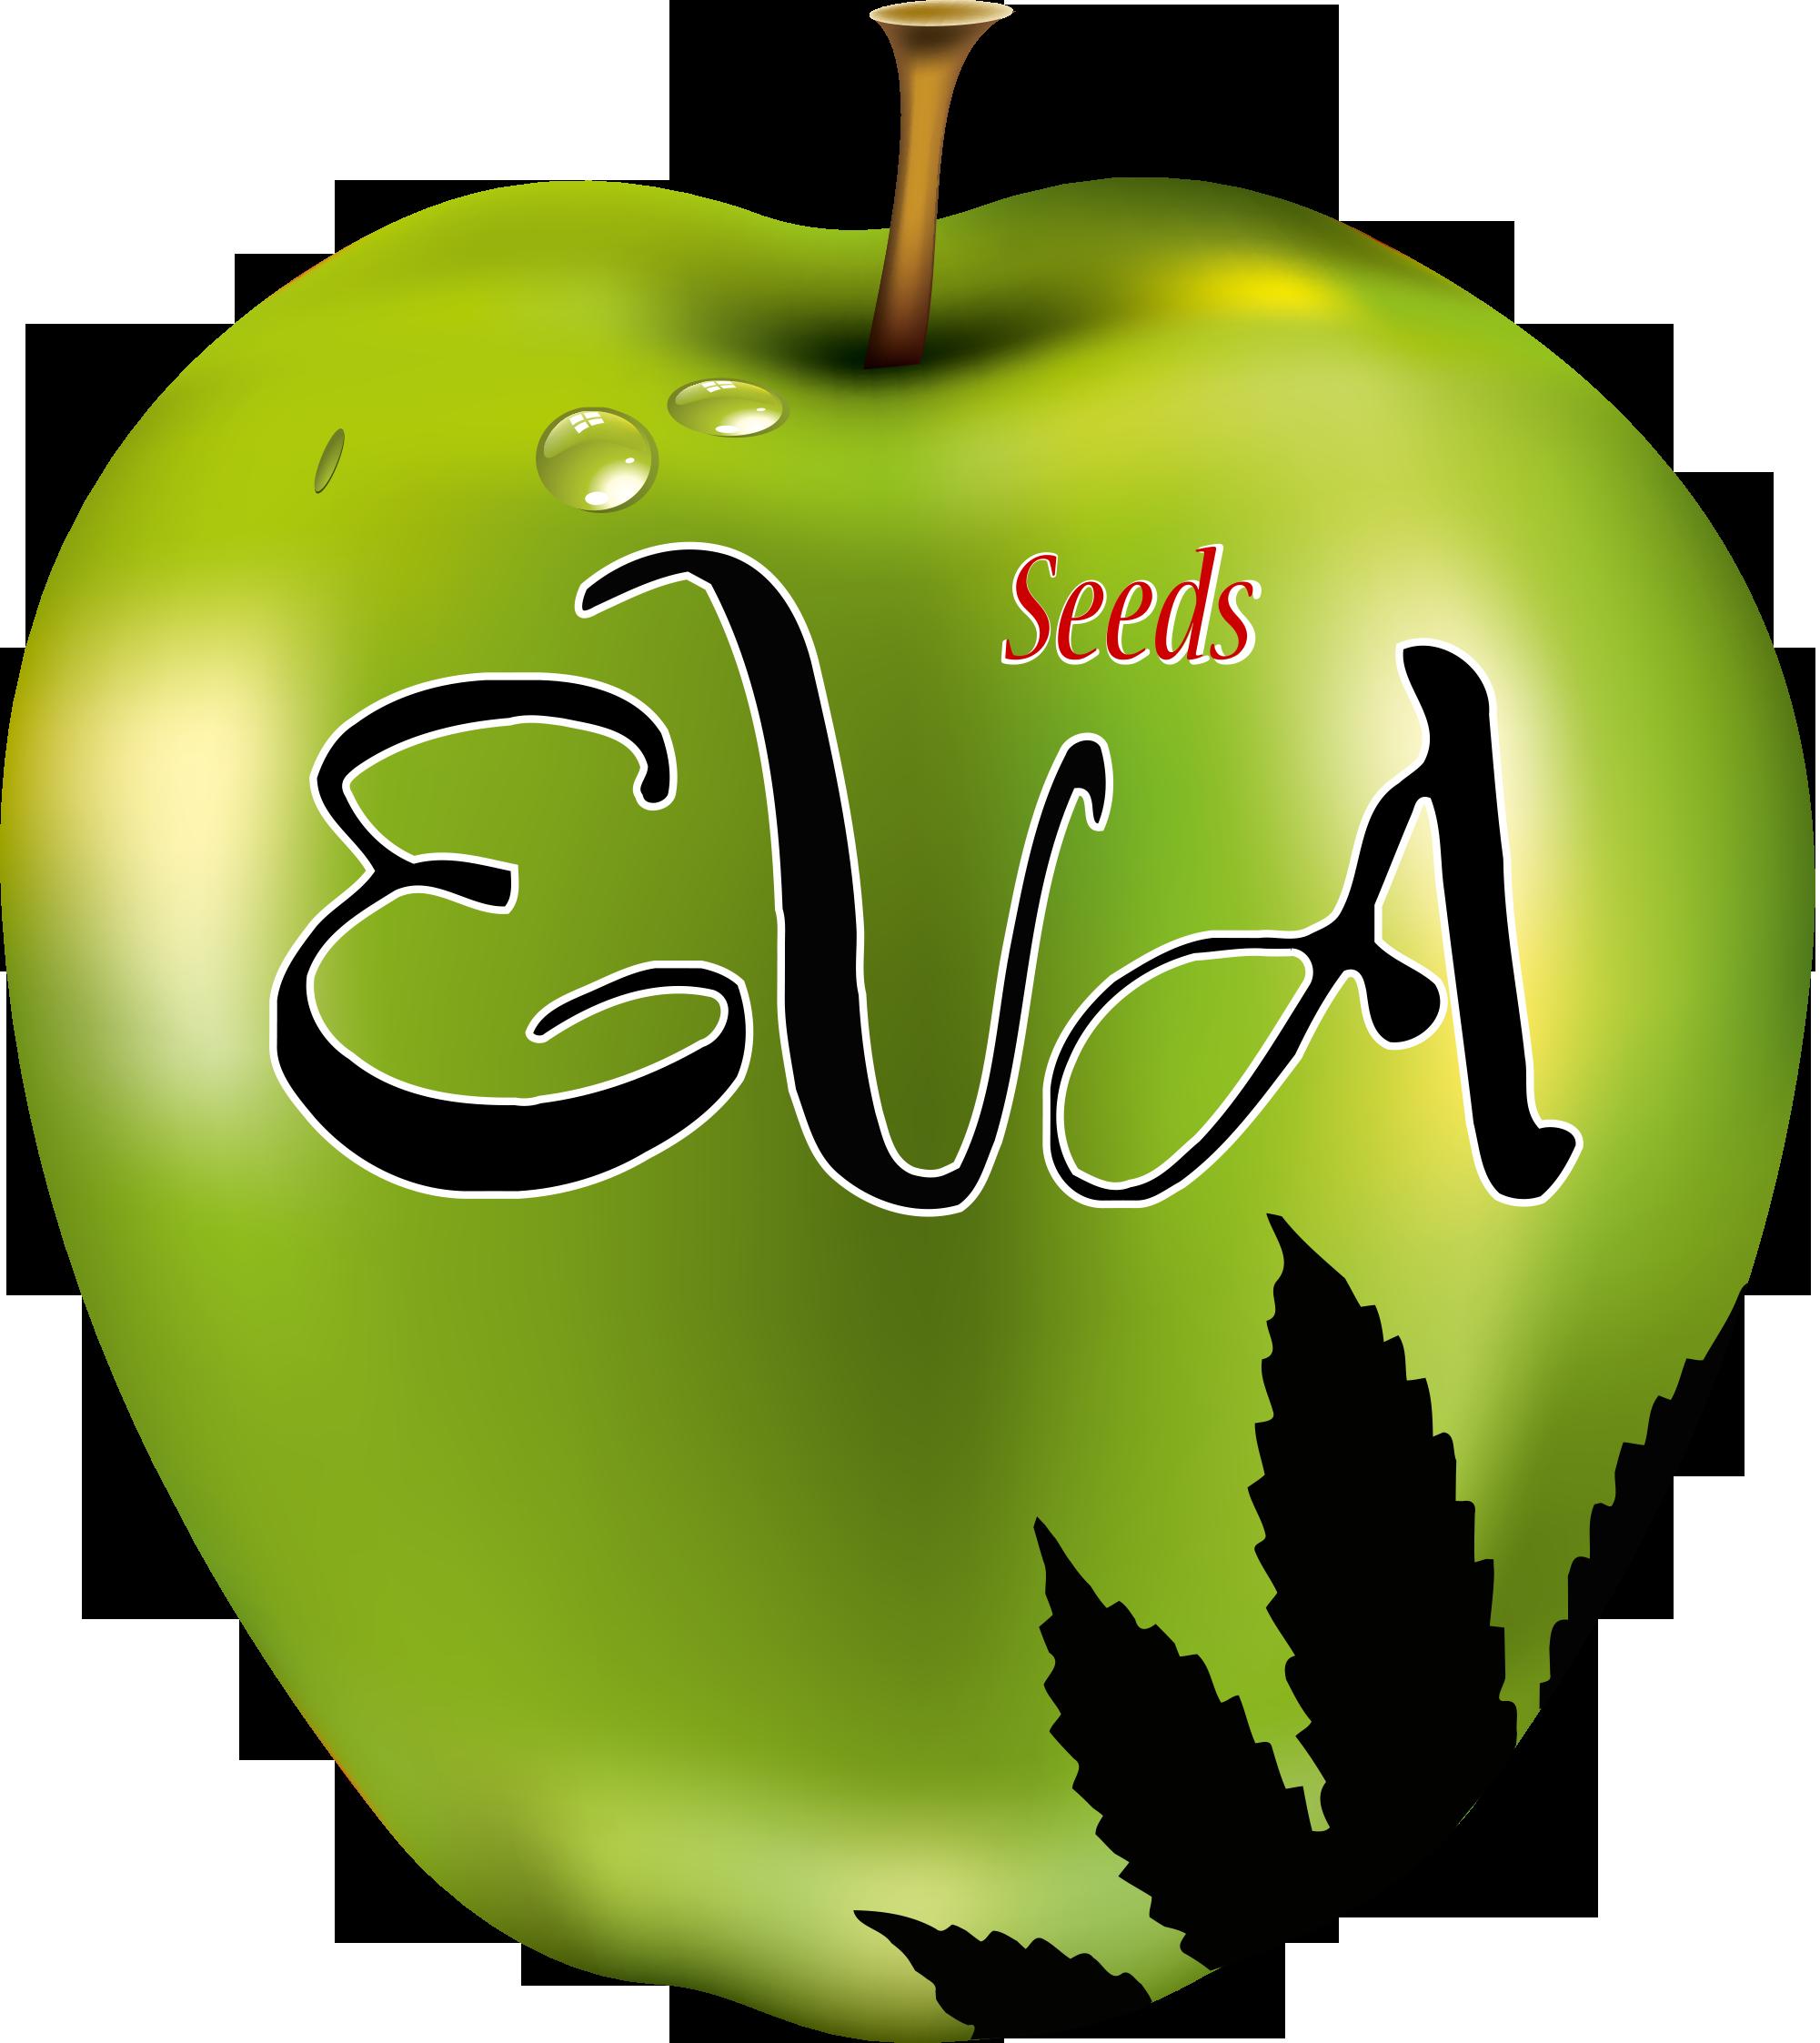 Eva Seeds | www.merkagrow.com